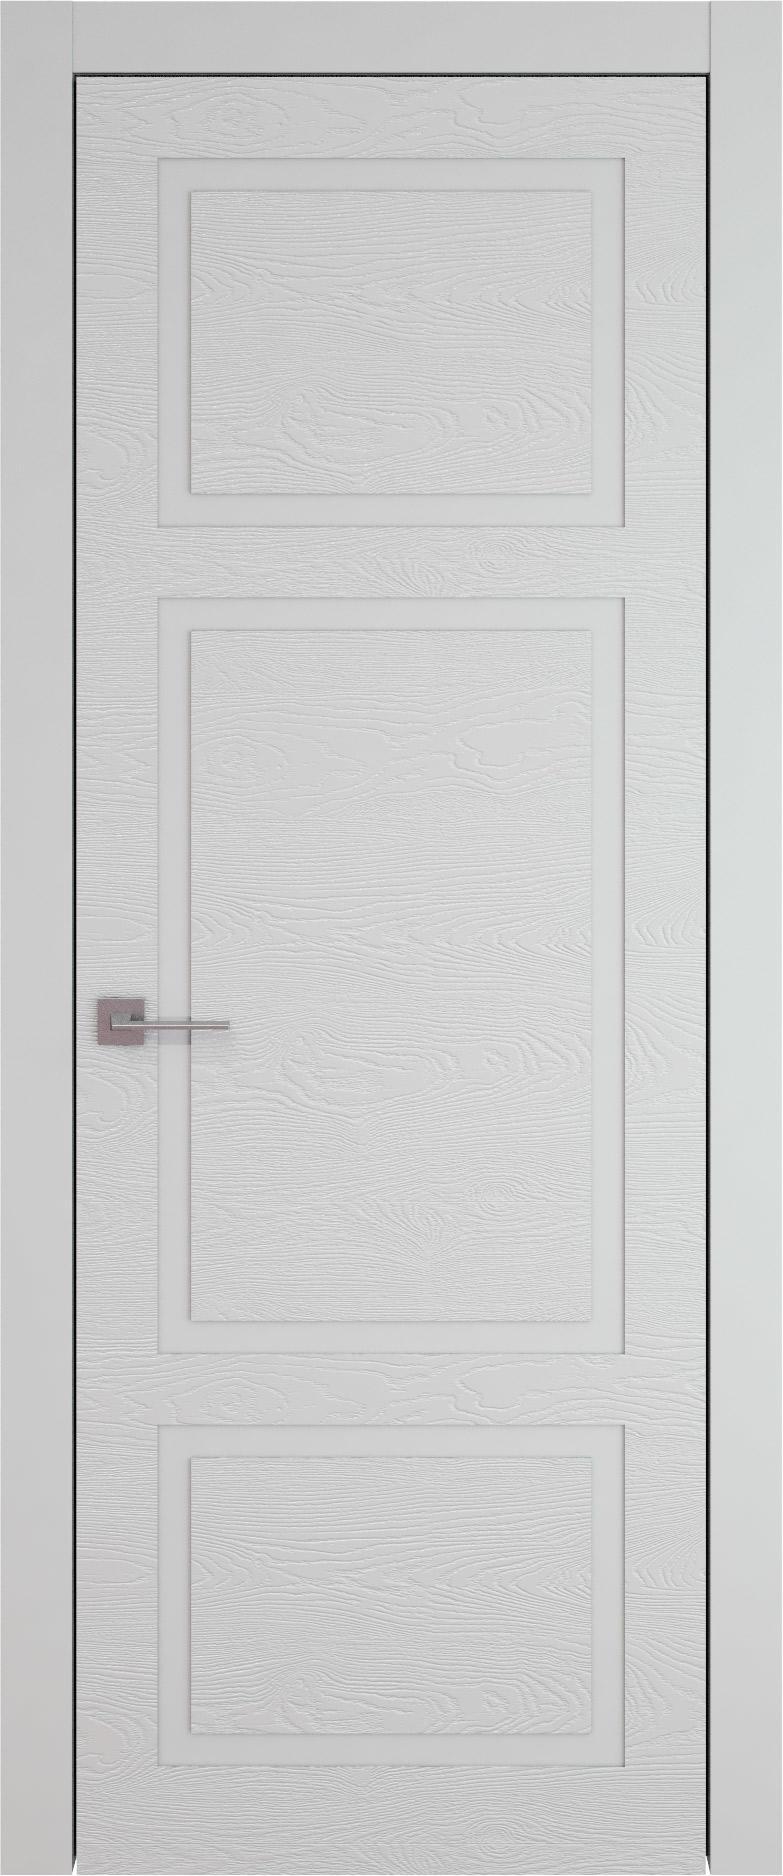 Tivoli К-5 цвет - Серая эмаль по шпону (RAL 7047) Без стекла (ДГ)